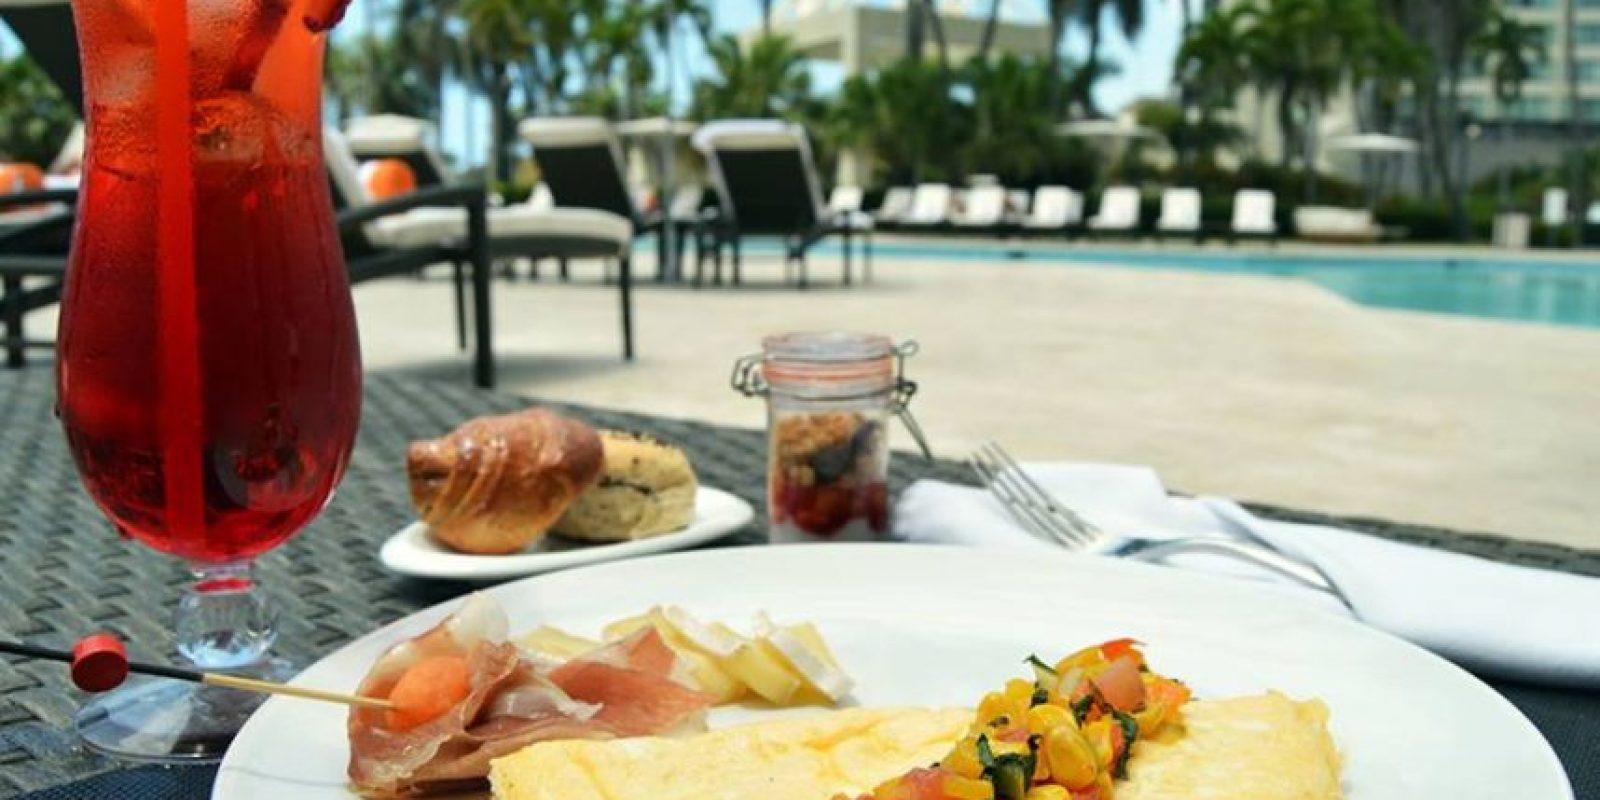 Un desayuno al aire libre acompañado de un refrescante trago y buena música a cargo de un DJ en vivo Foto:Renaissance Santo Domingo Jaragua Hotel & Casino